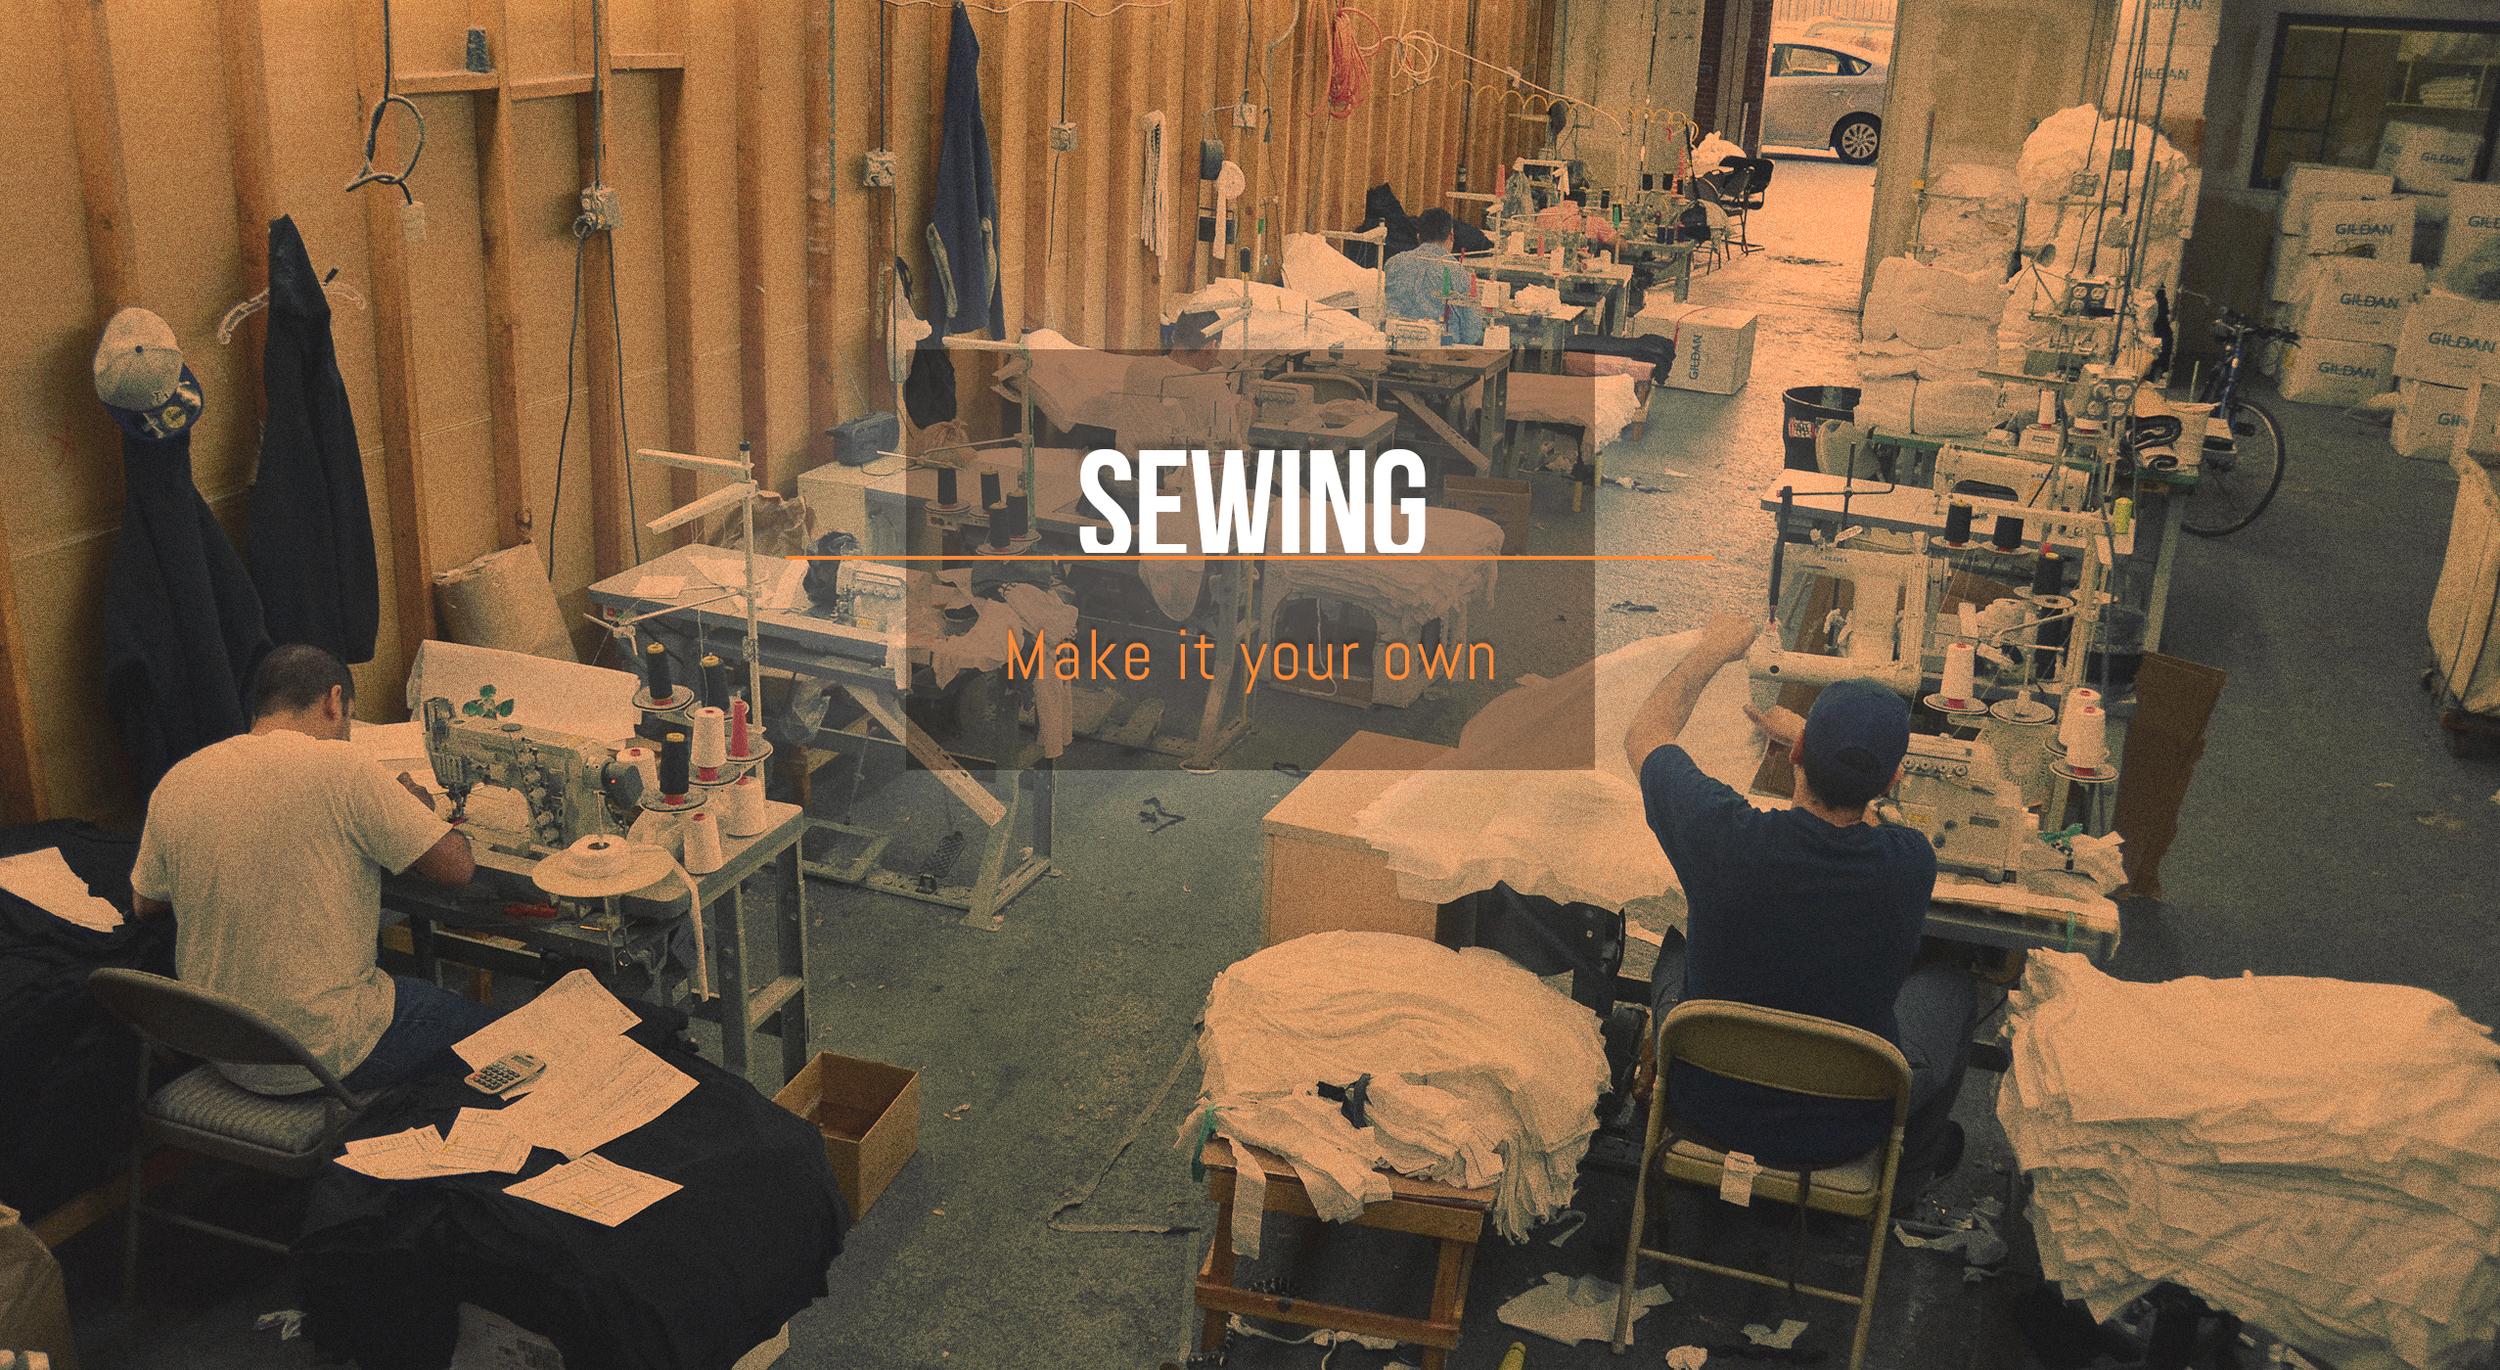 RULE sliders3 sewing1.jpg